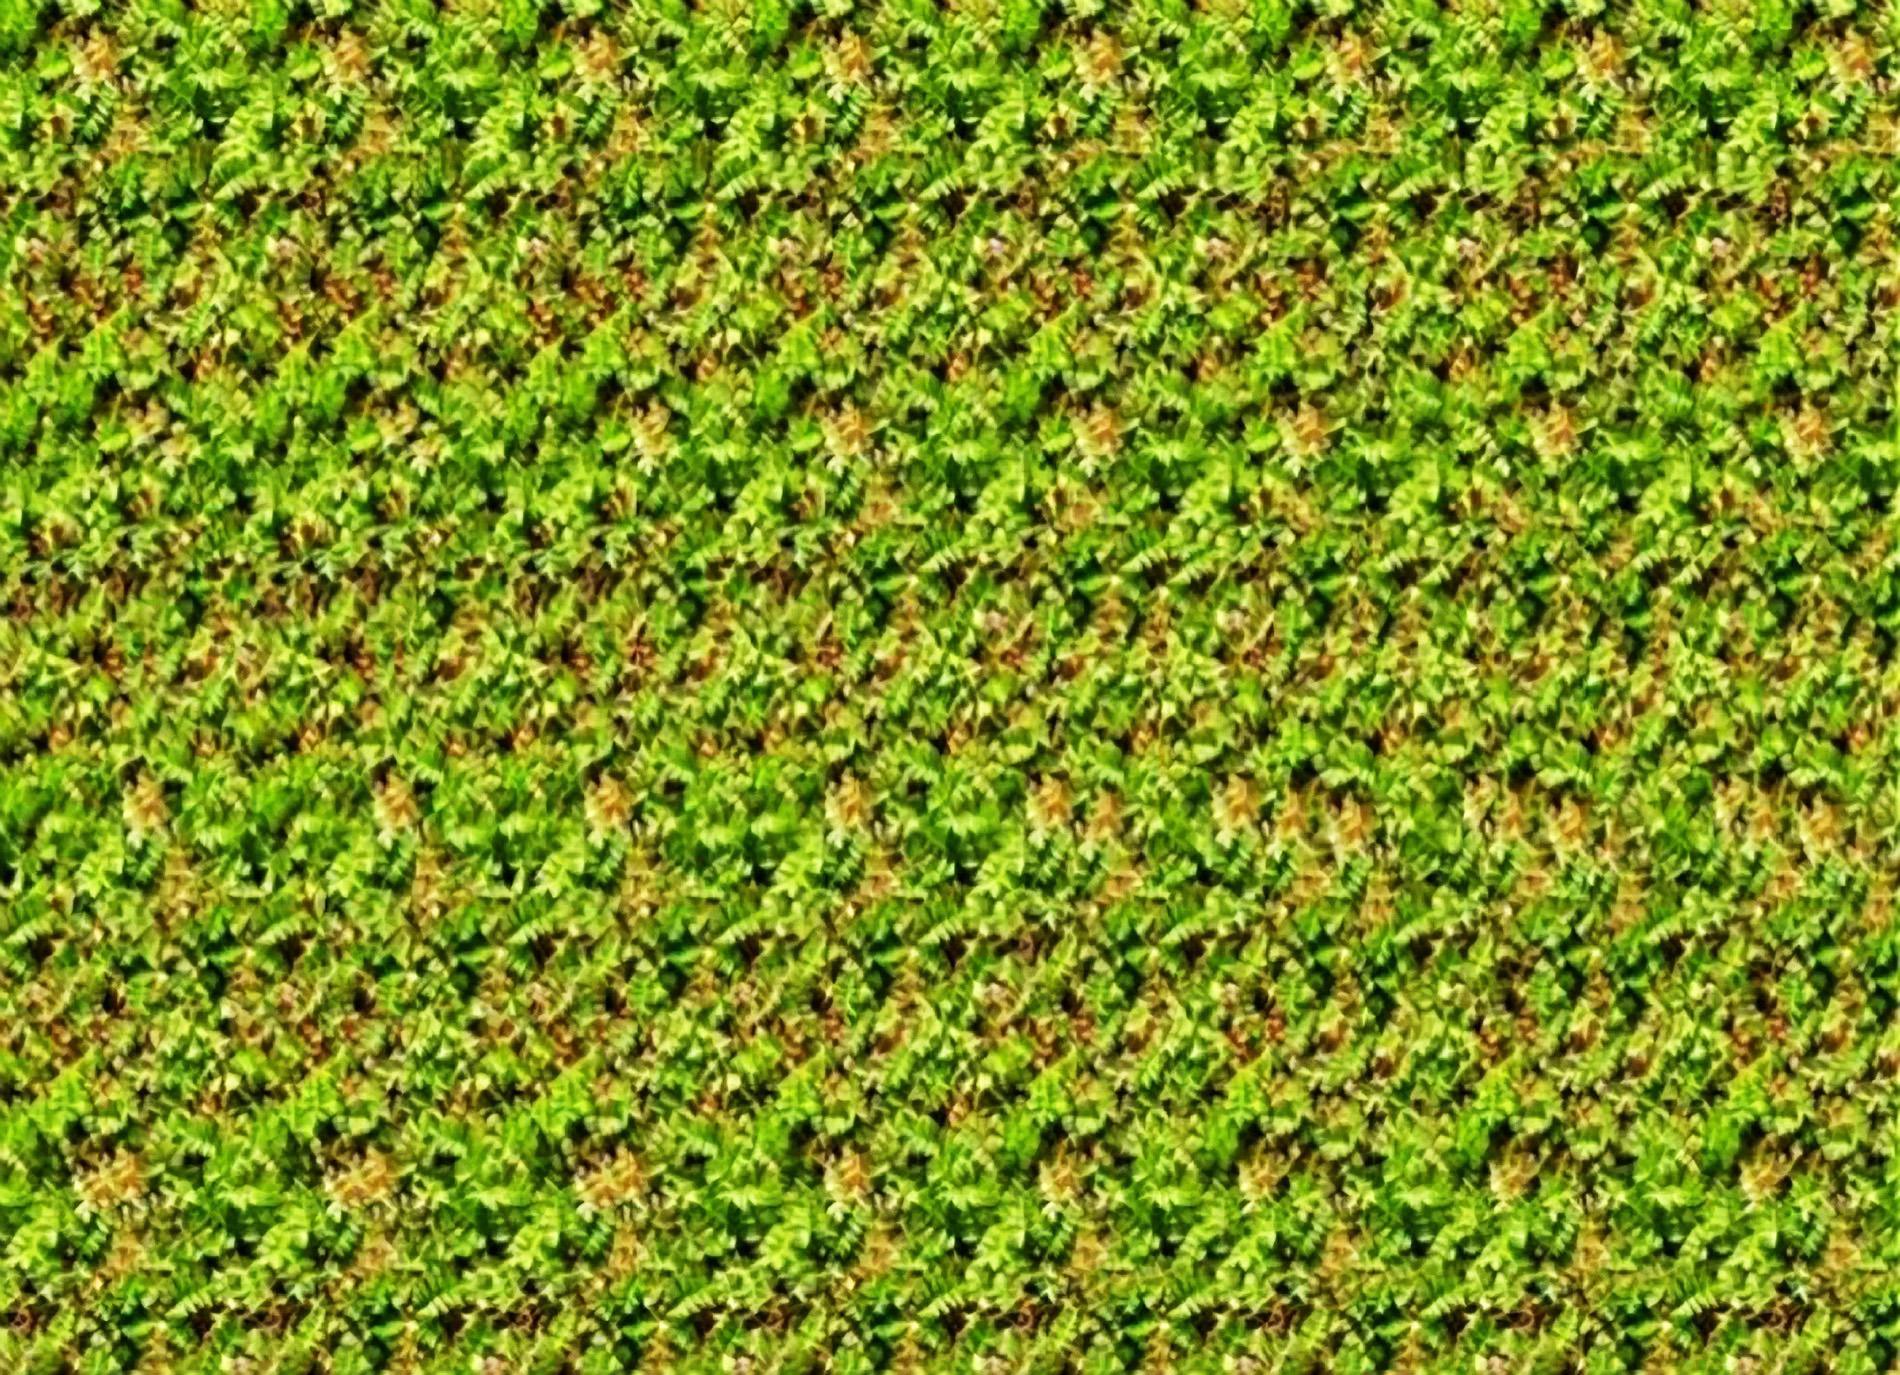 Stereogram Wallpaper 1900x1375 Stereogram 1900x1375